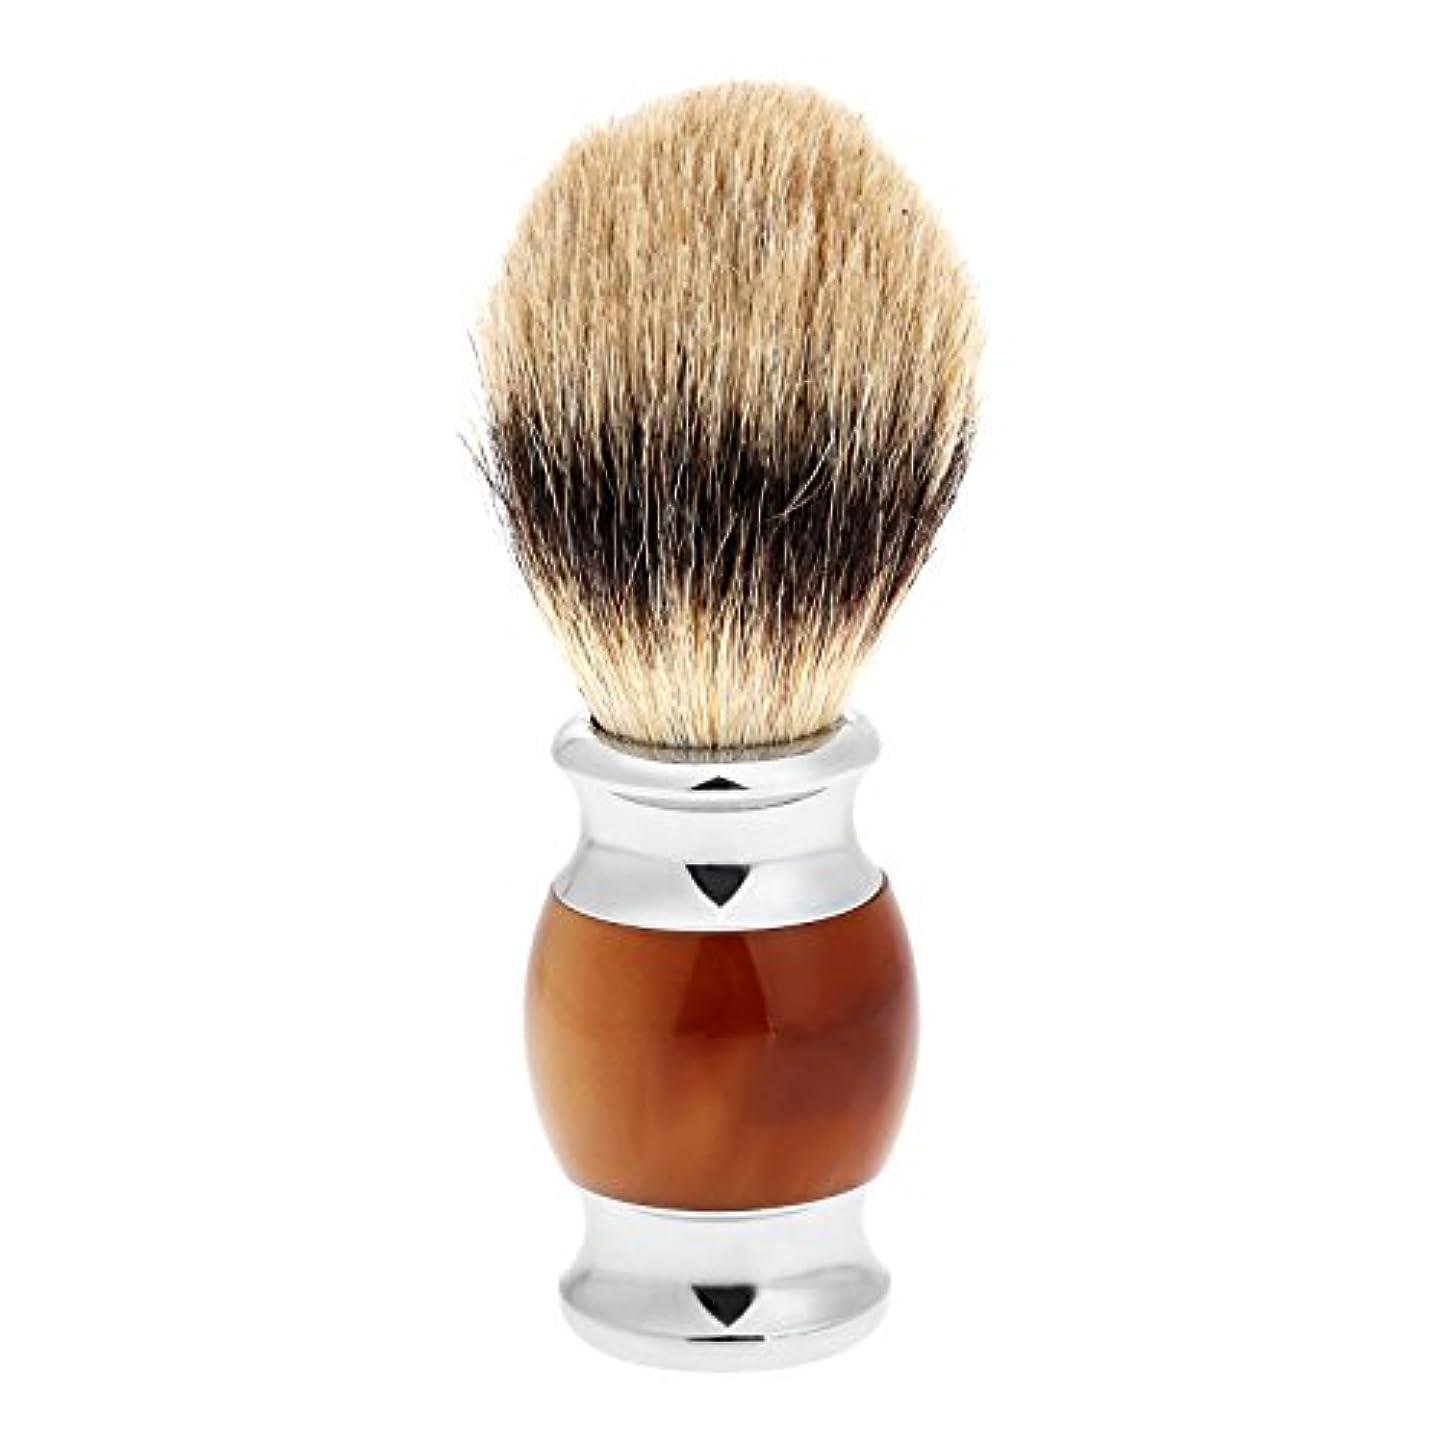 区別するテメリティベアリング1PC メンズ ひげブラシ アナグマ毛 シェービングブラシ バーバー シェービング用ブラシ 理容 洗顔 髭剃り